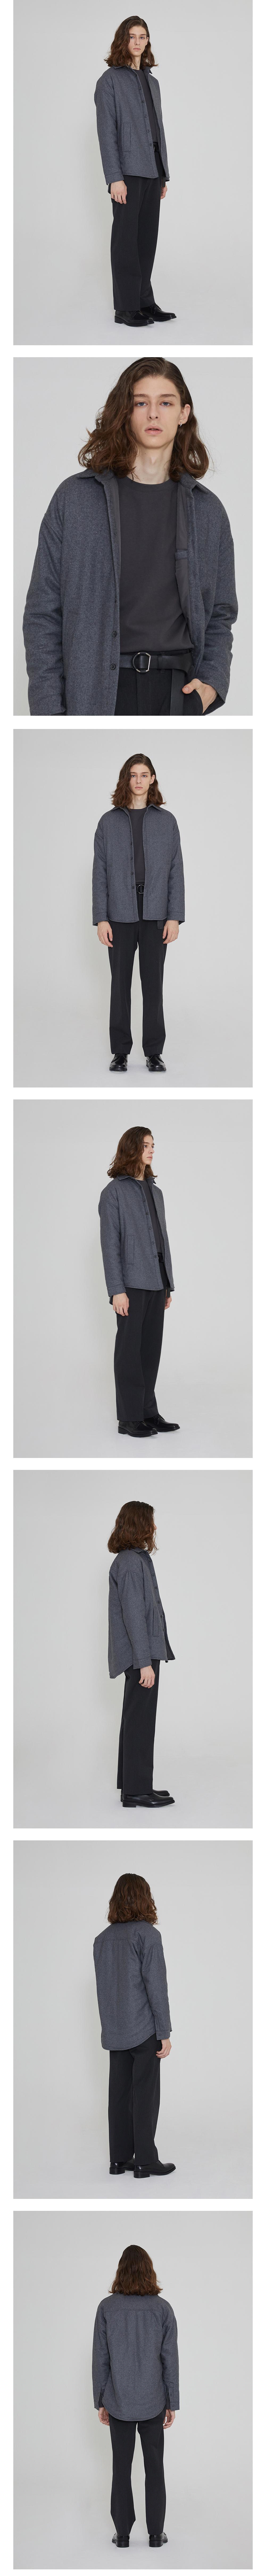 셔츠자켓-그레이1.jpg